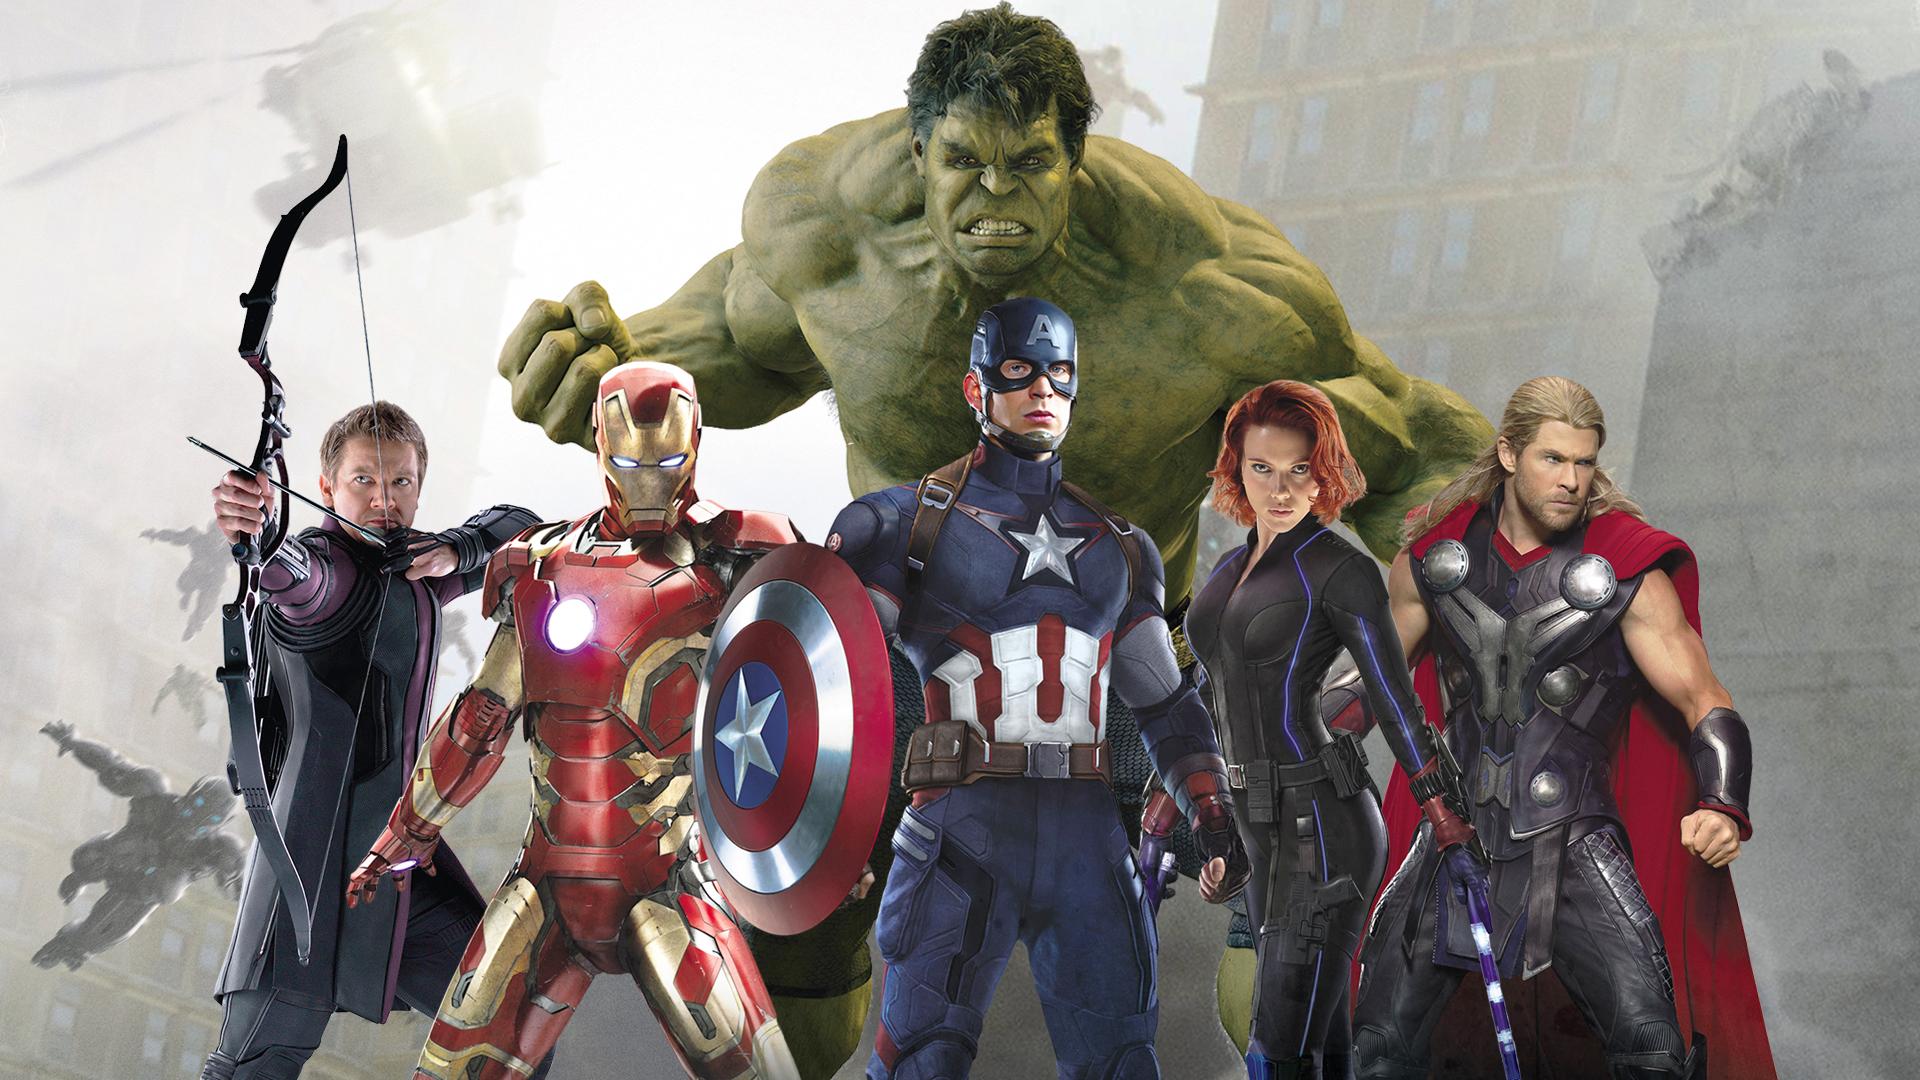 соборе небольшого фото всех супергероев по отдельности доставка установка